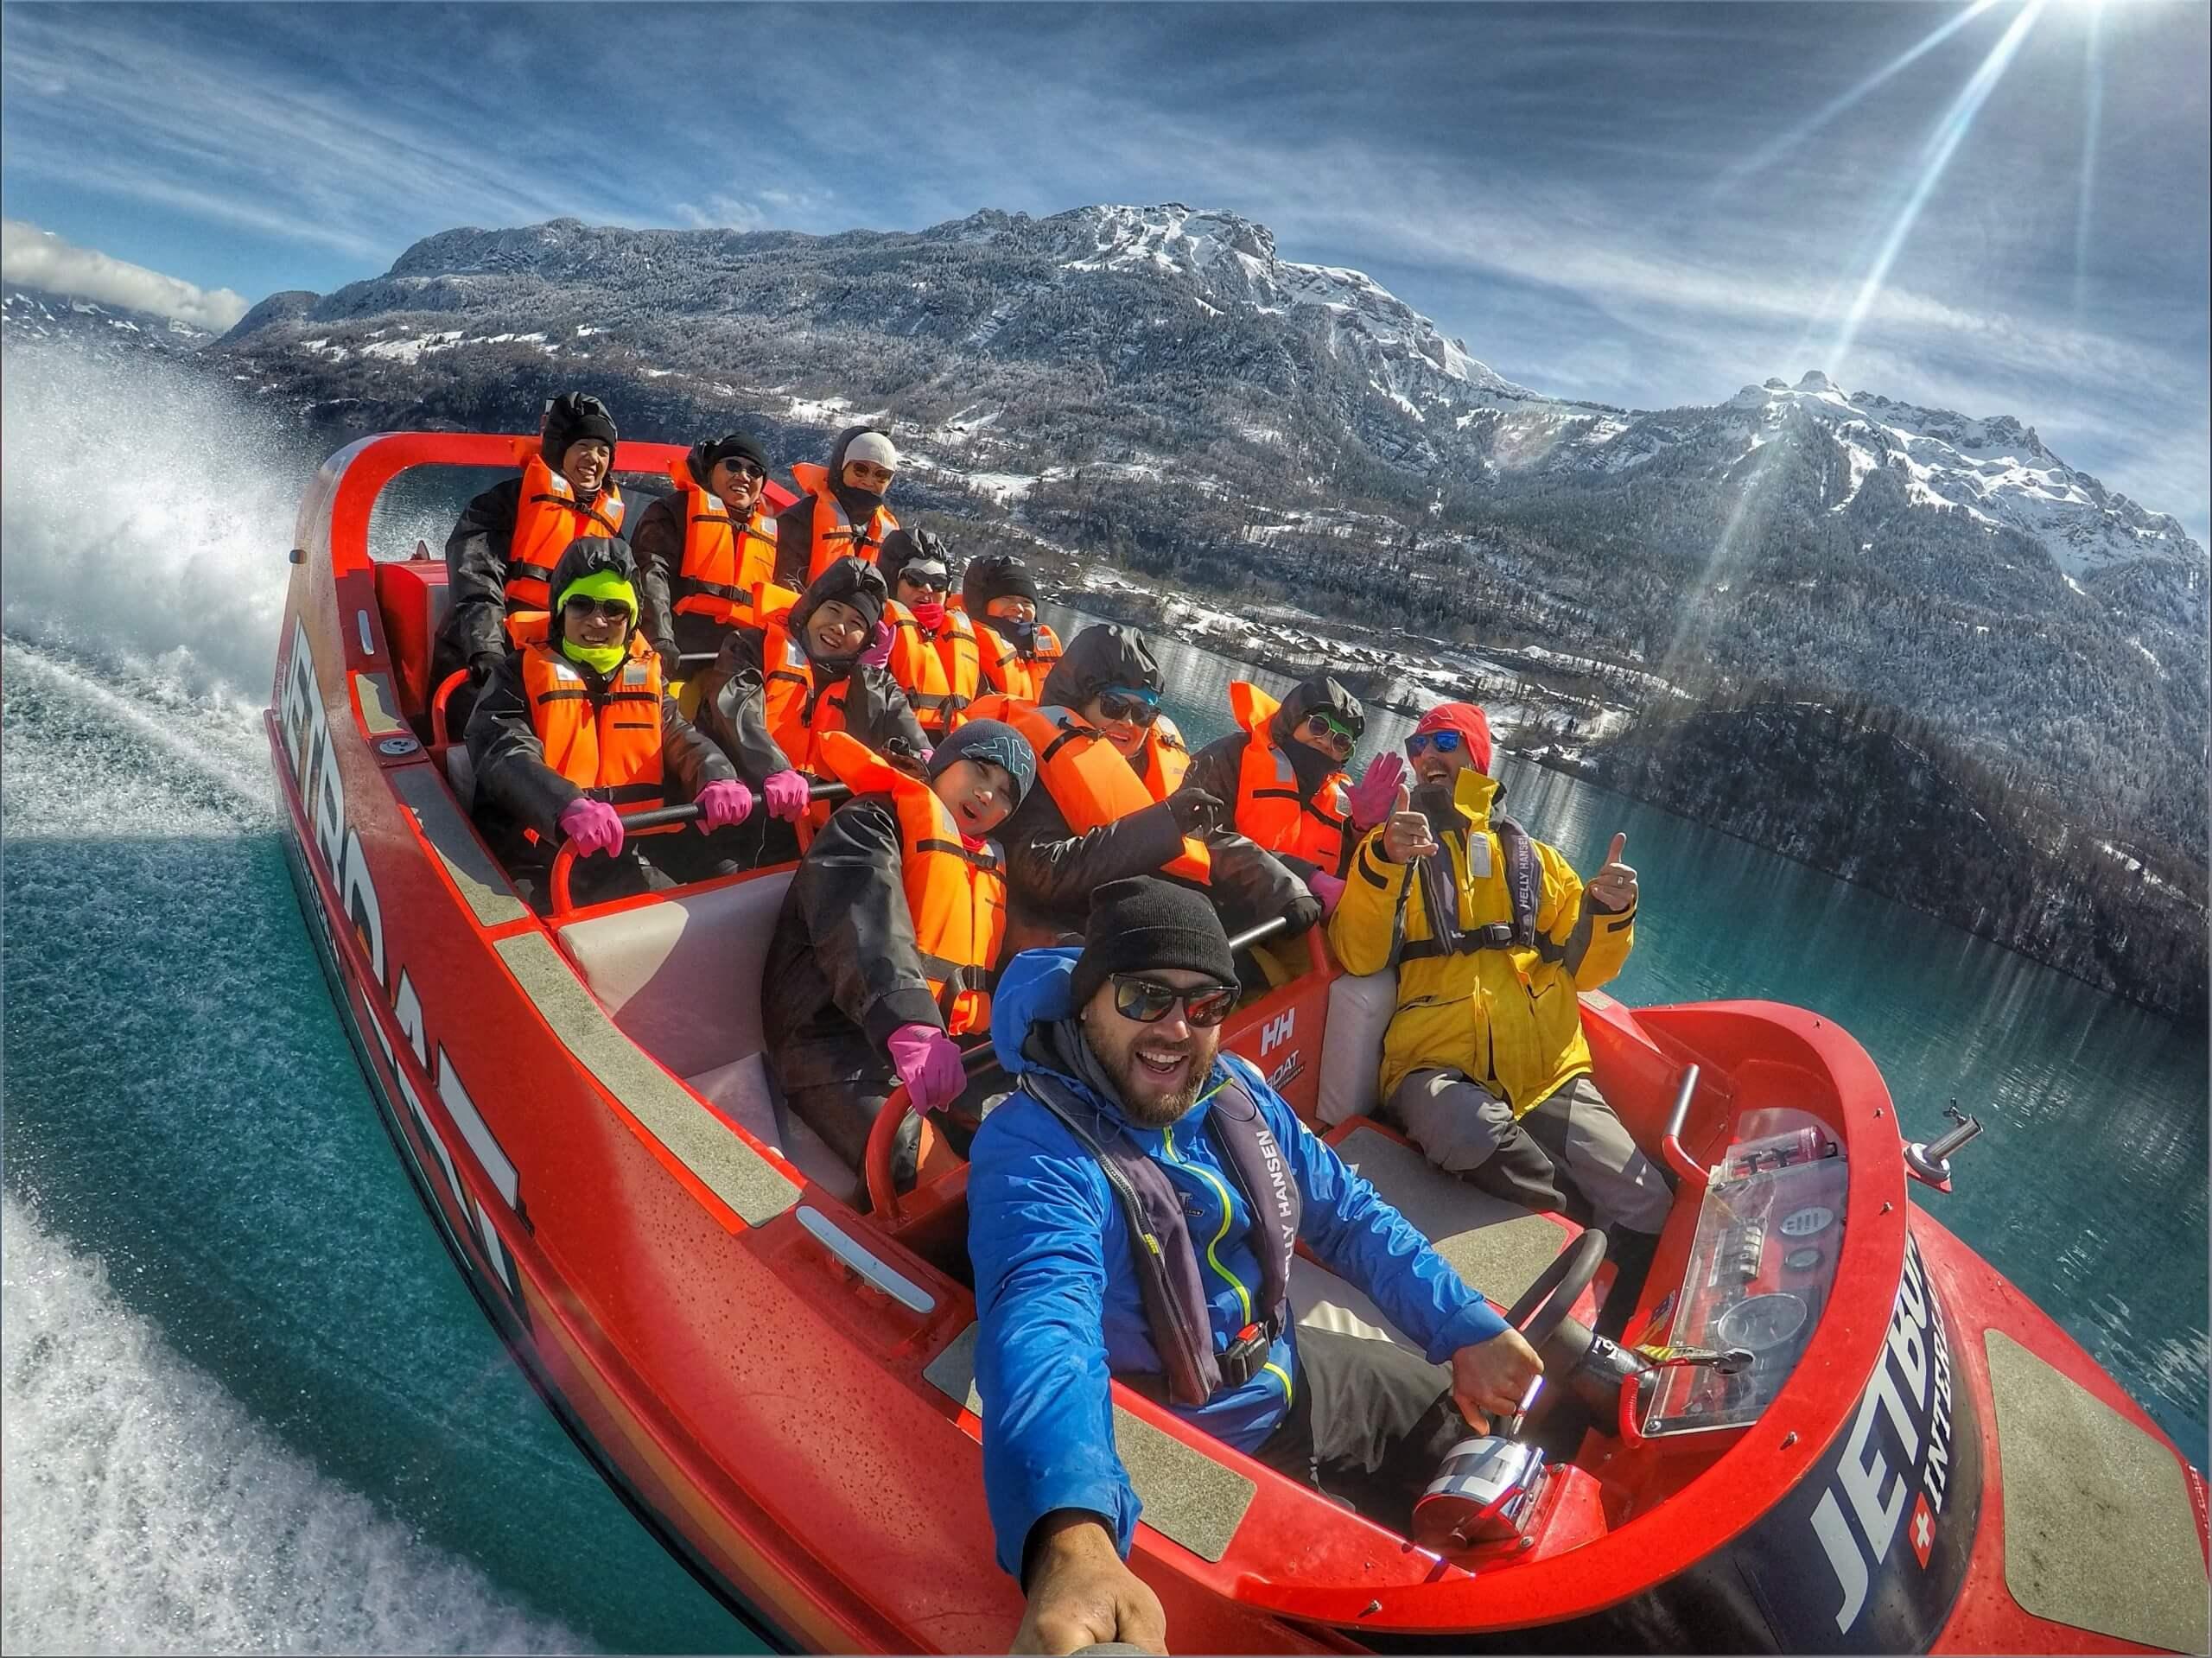 jetboat-brienzersee-winter-schnee